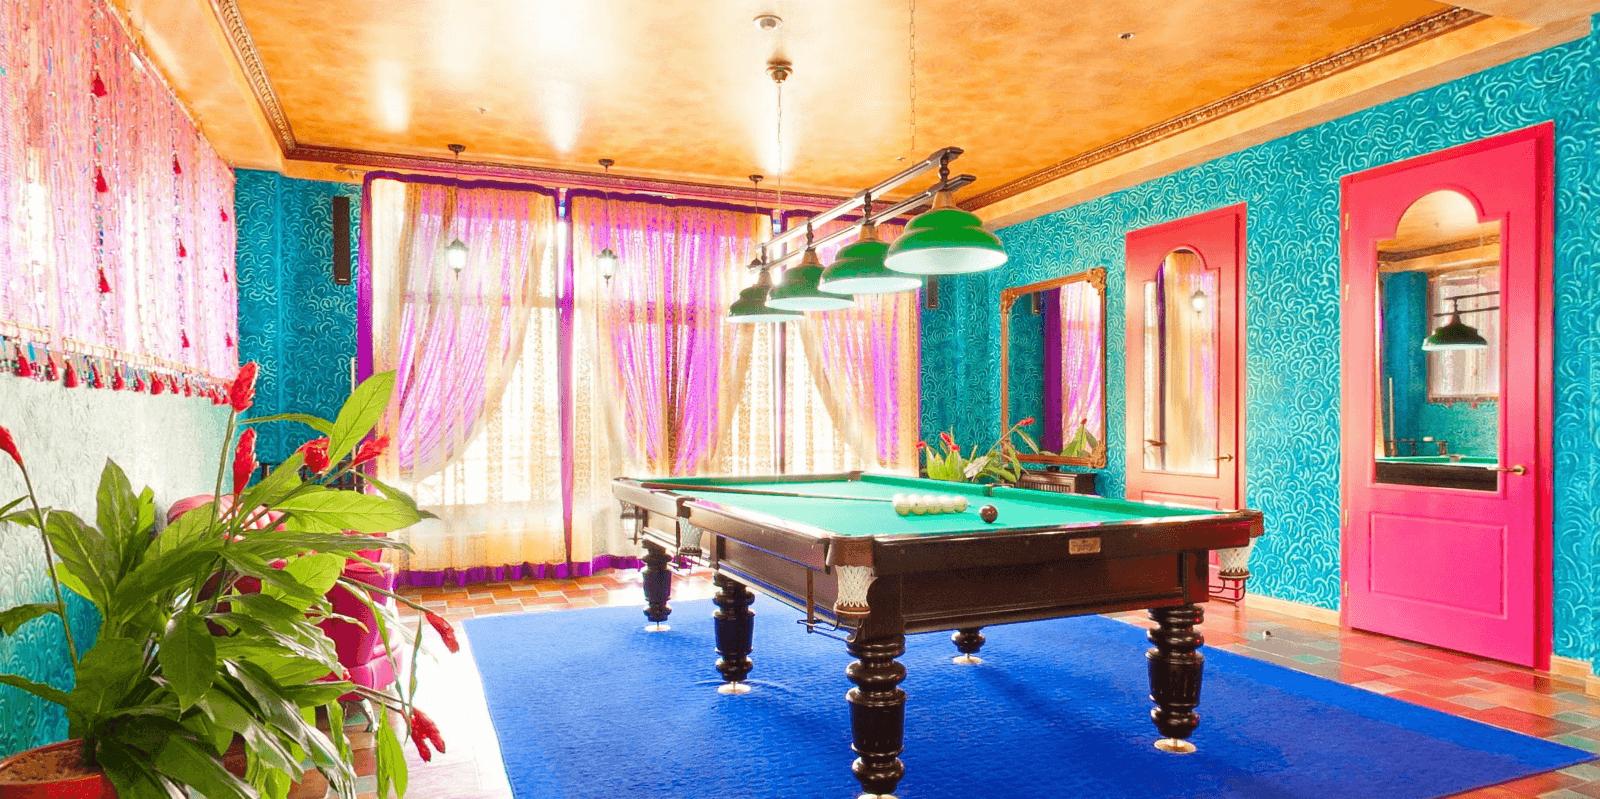 бильярд в индийском стиле